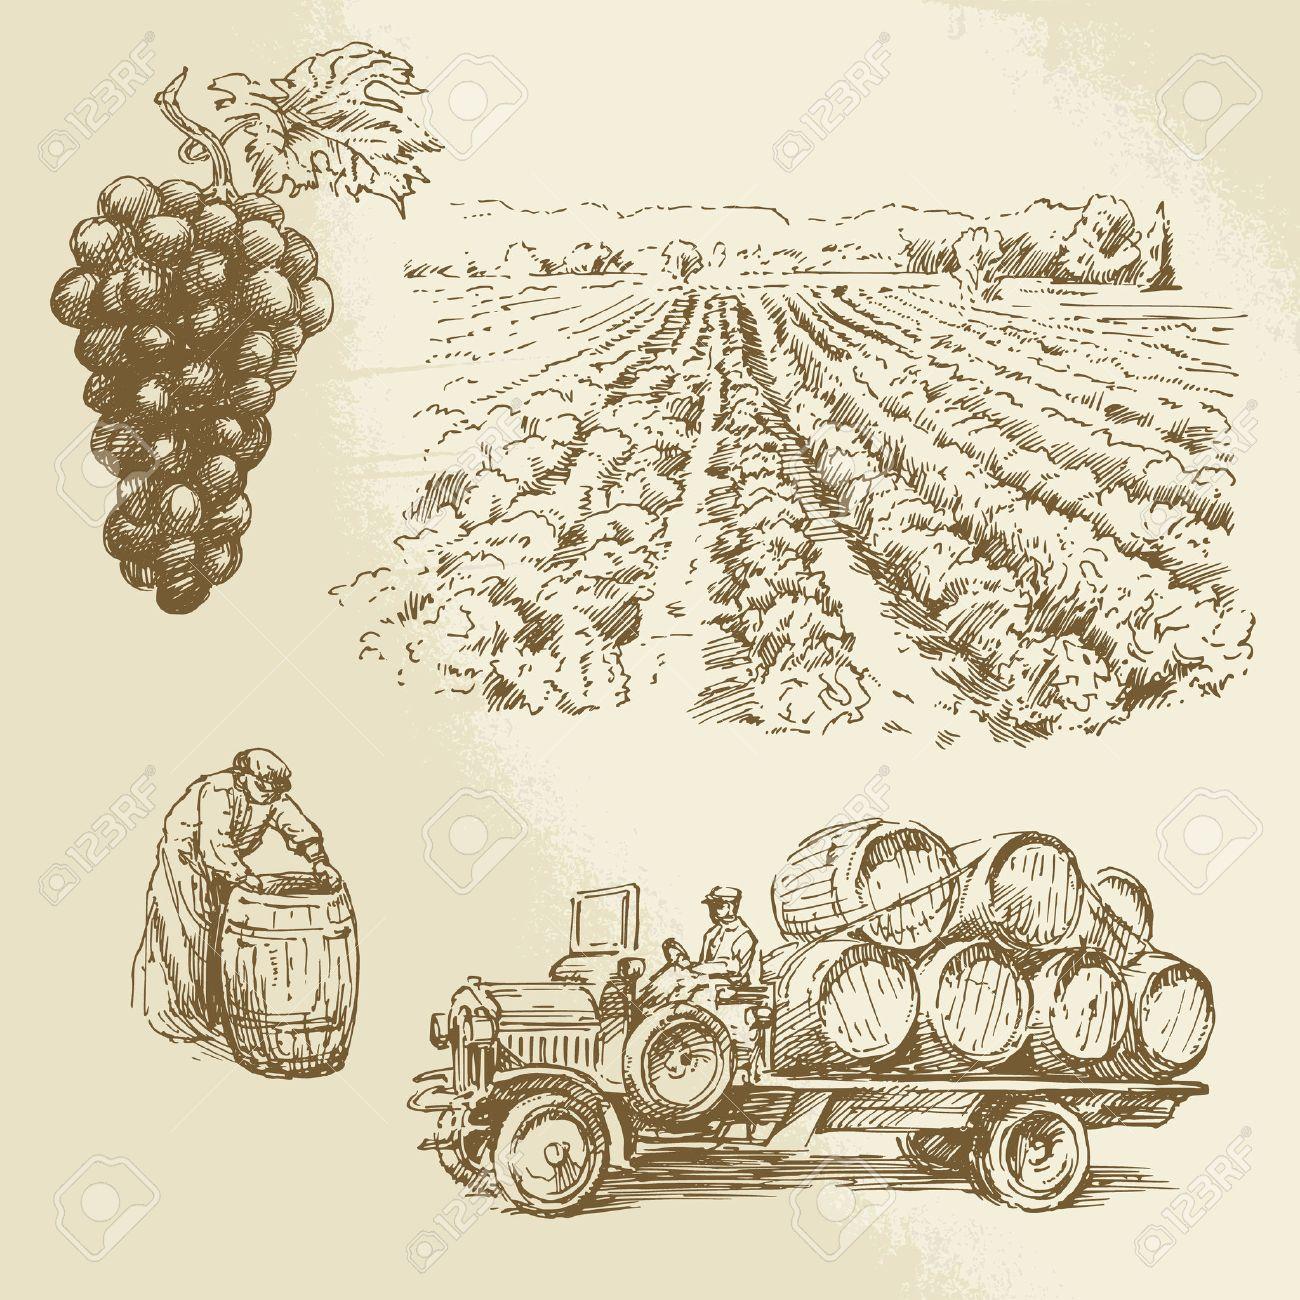 vineyard, harvest, farm - hand drawn collection Standard-Bild - 26590672